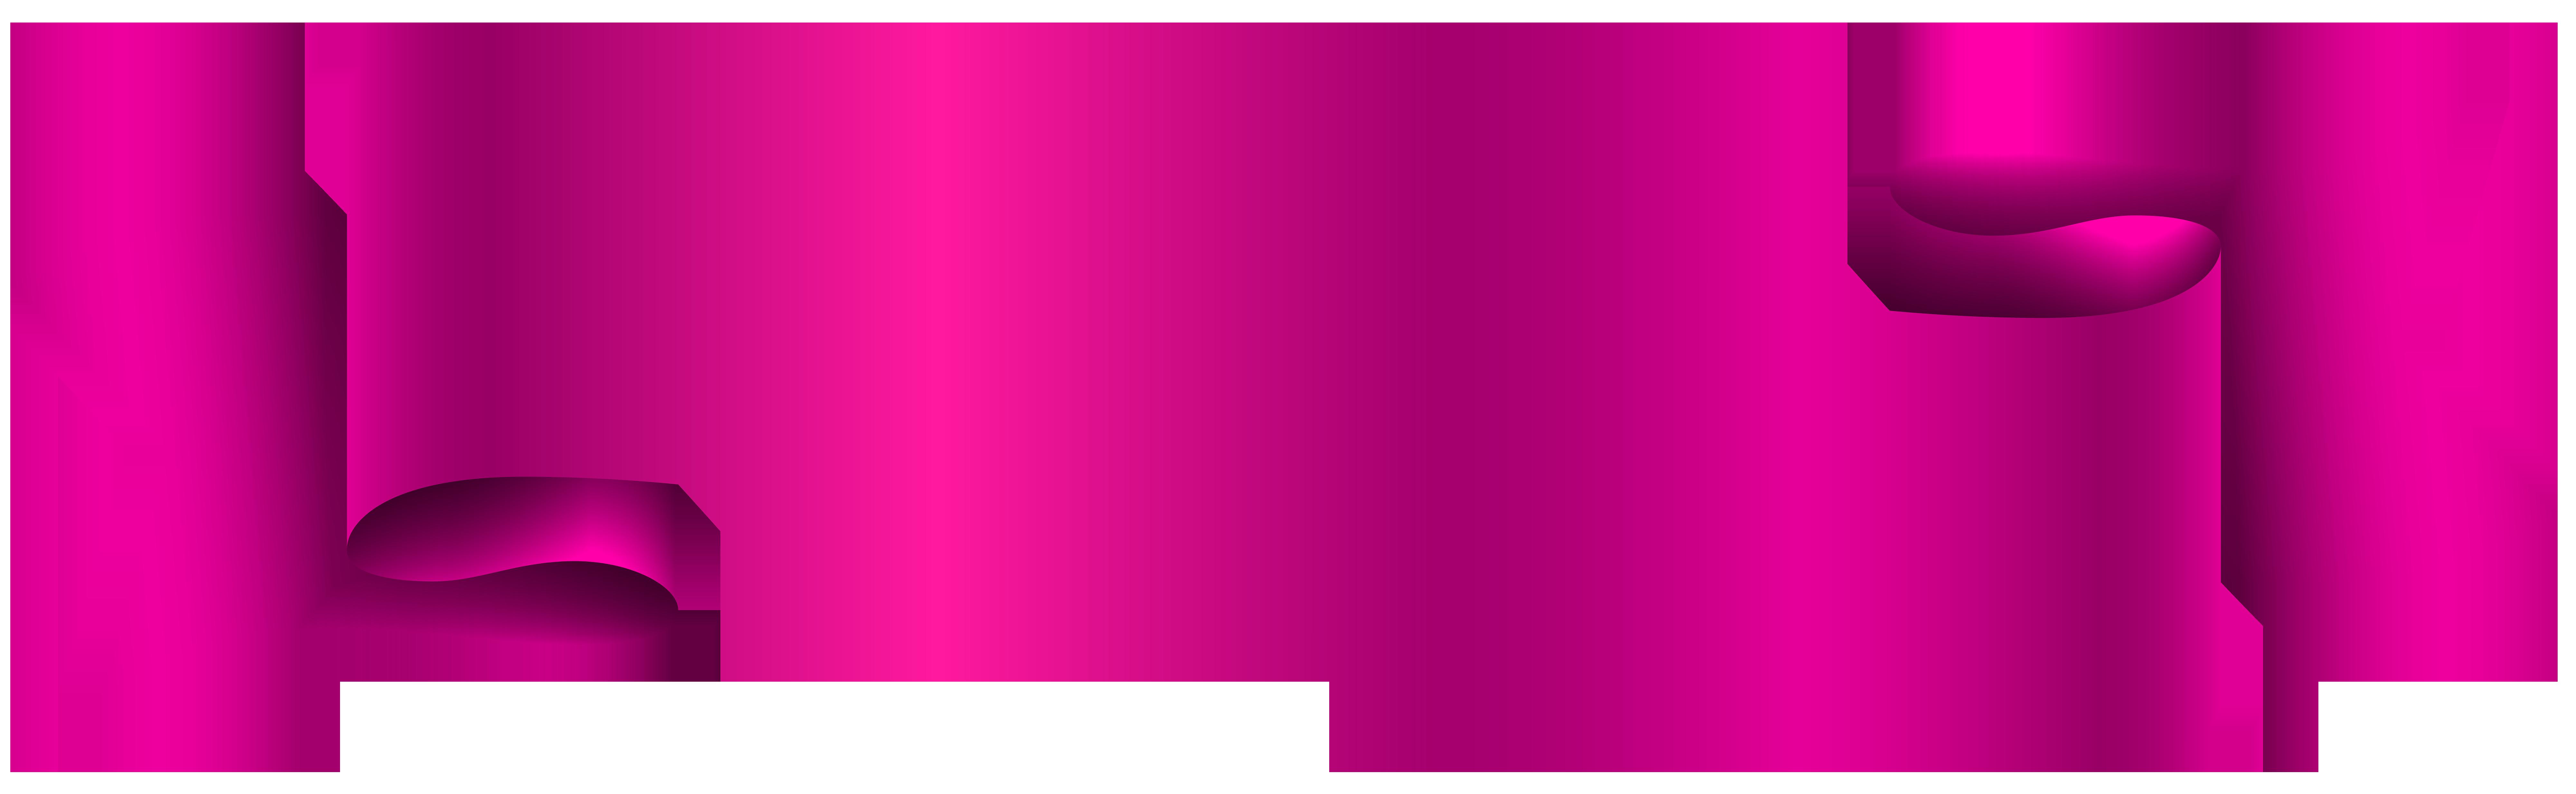 Pink transparent clip art. Banner png images